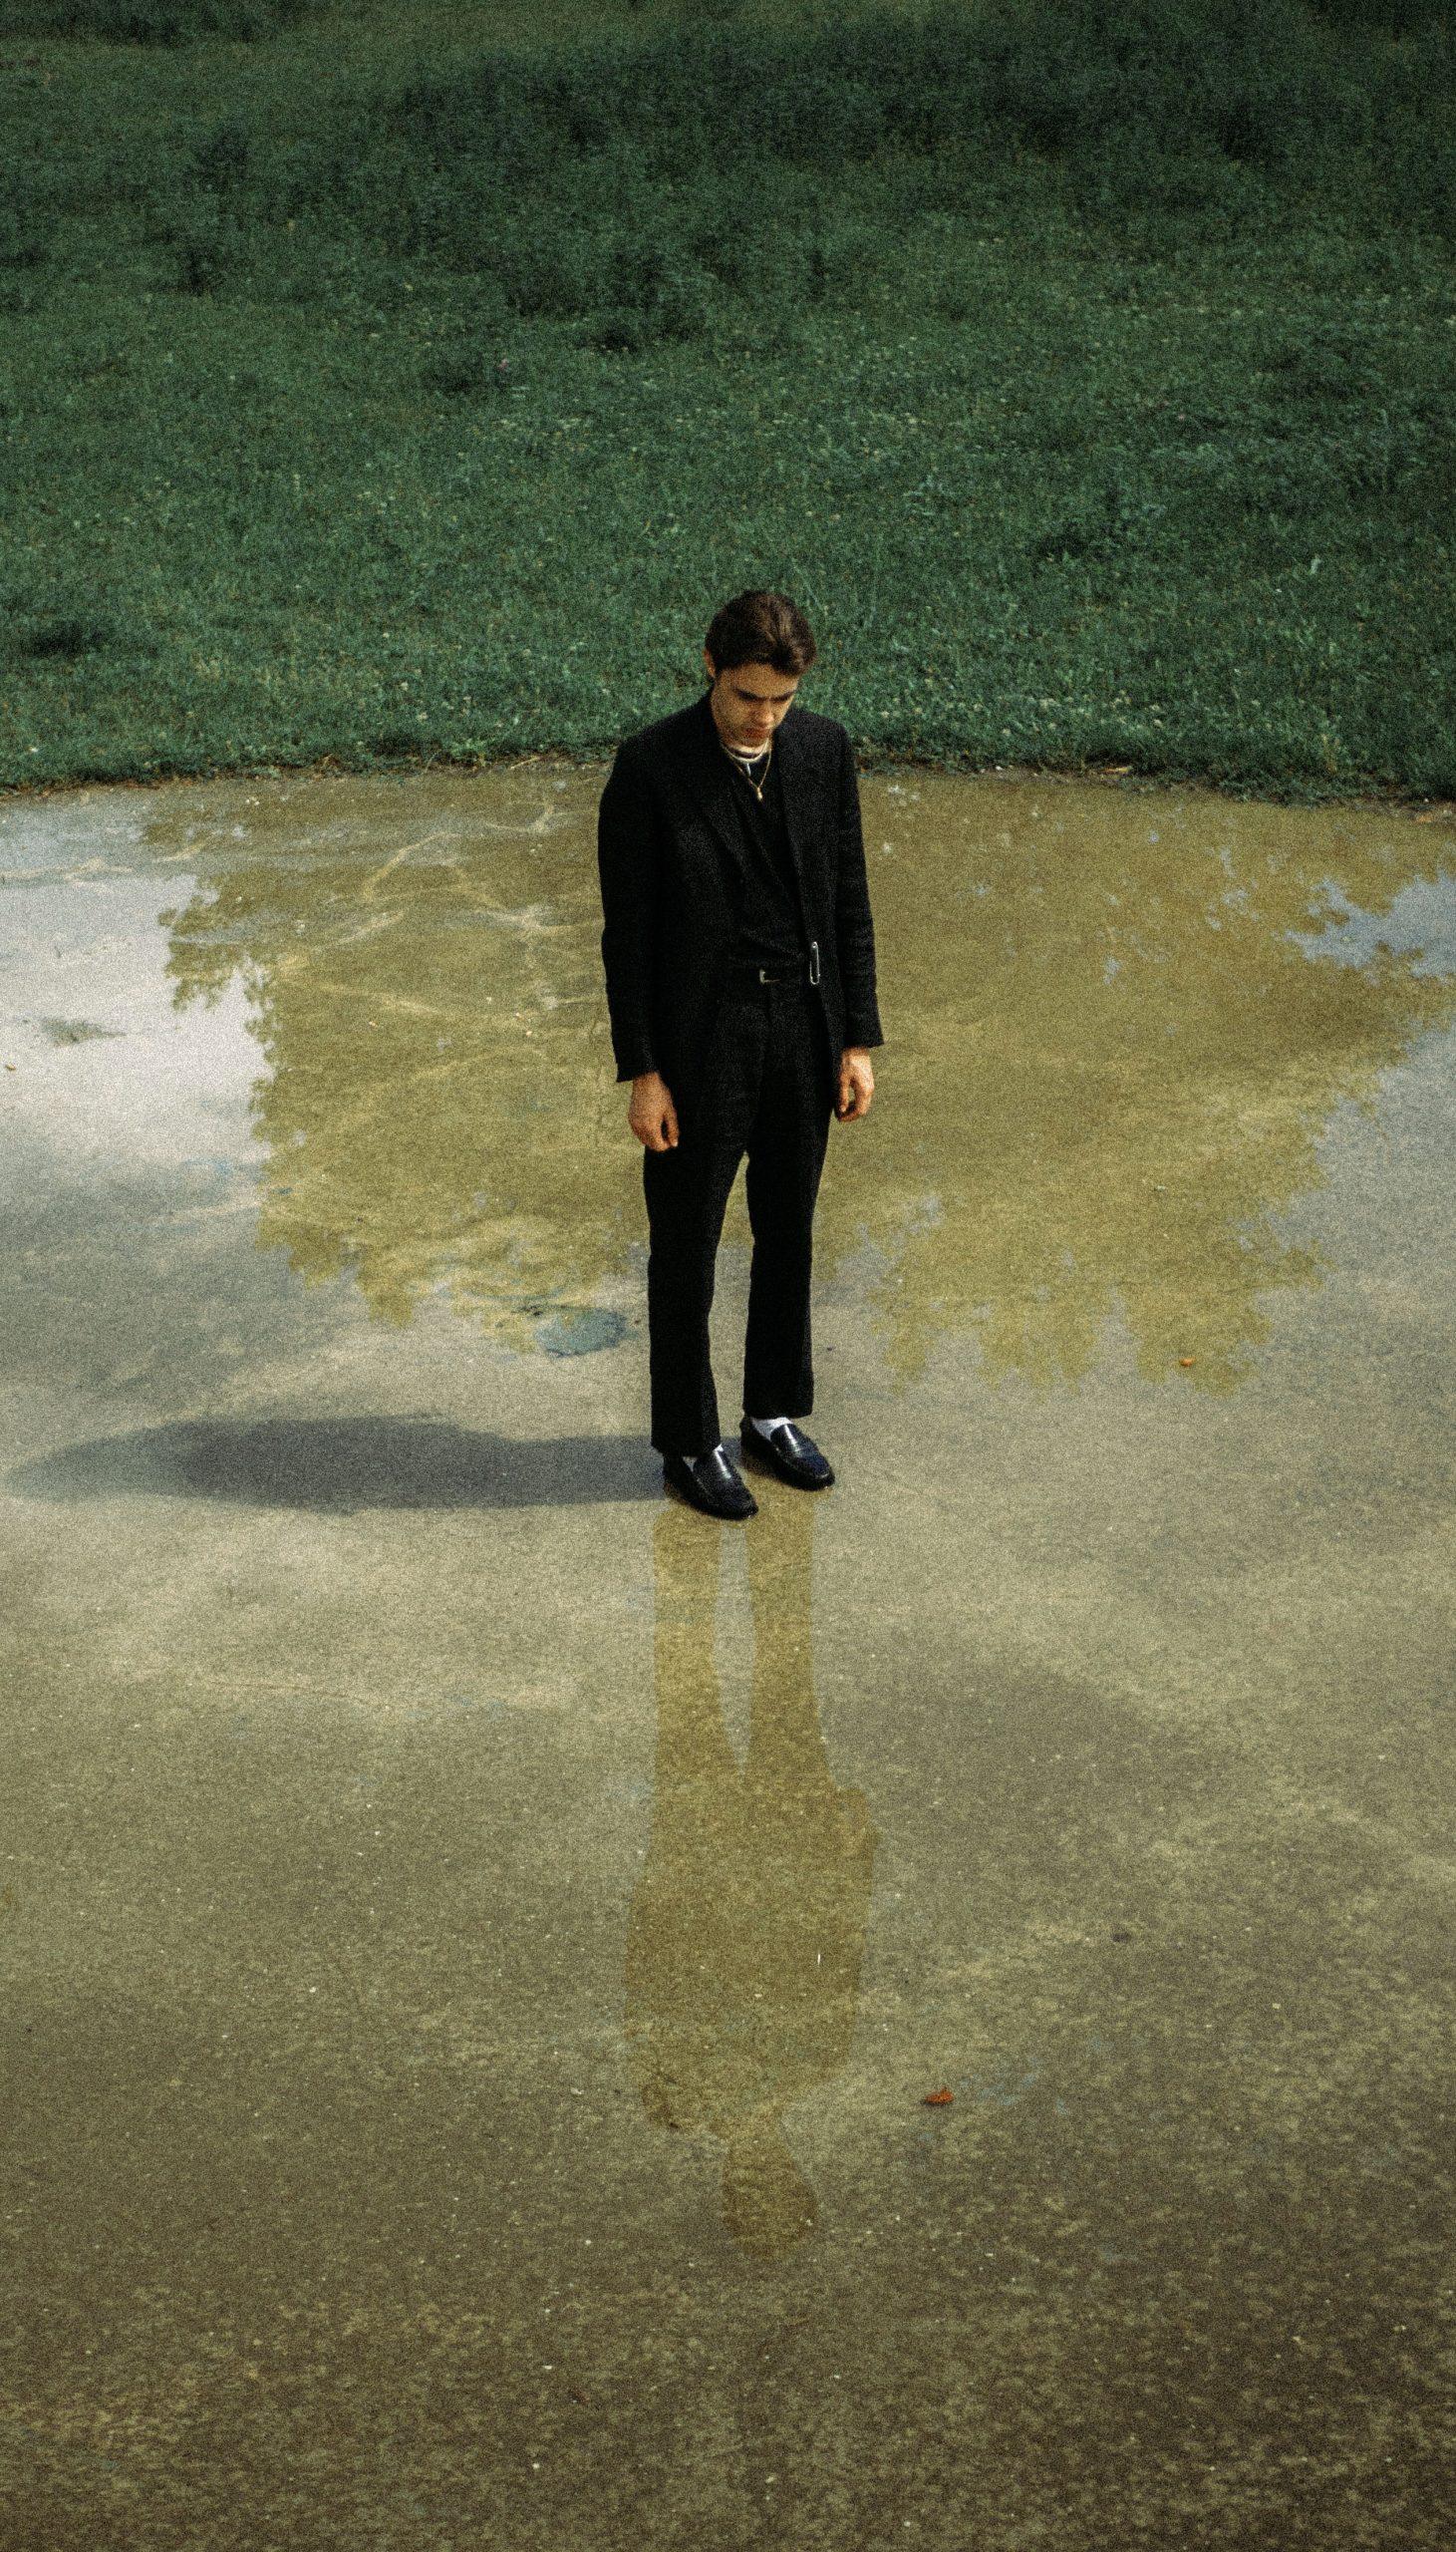 Latest Sad Boy Dp Images photo download